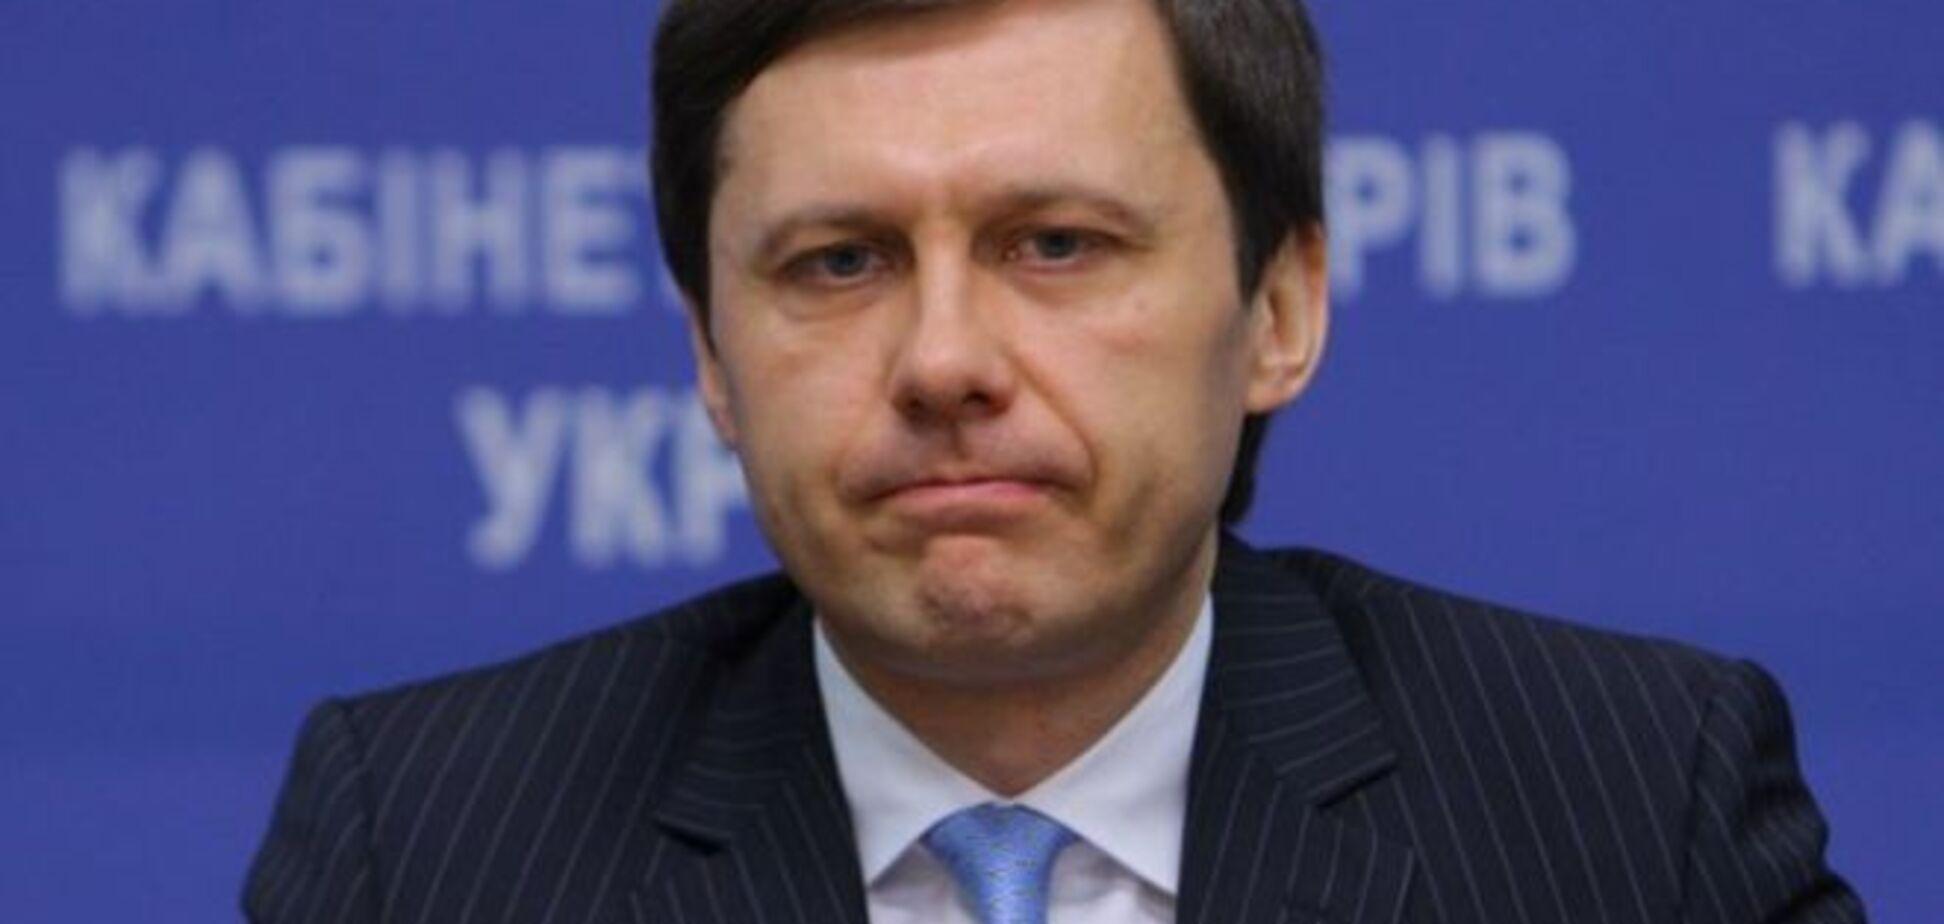 Экс-министр Шевченко 'подарил' Онищенко 50 тысяч гектаров месторождений янтаря